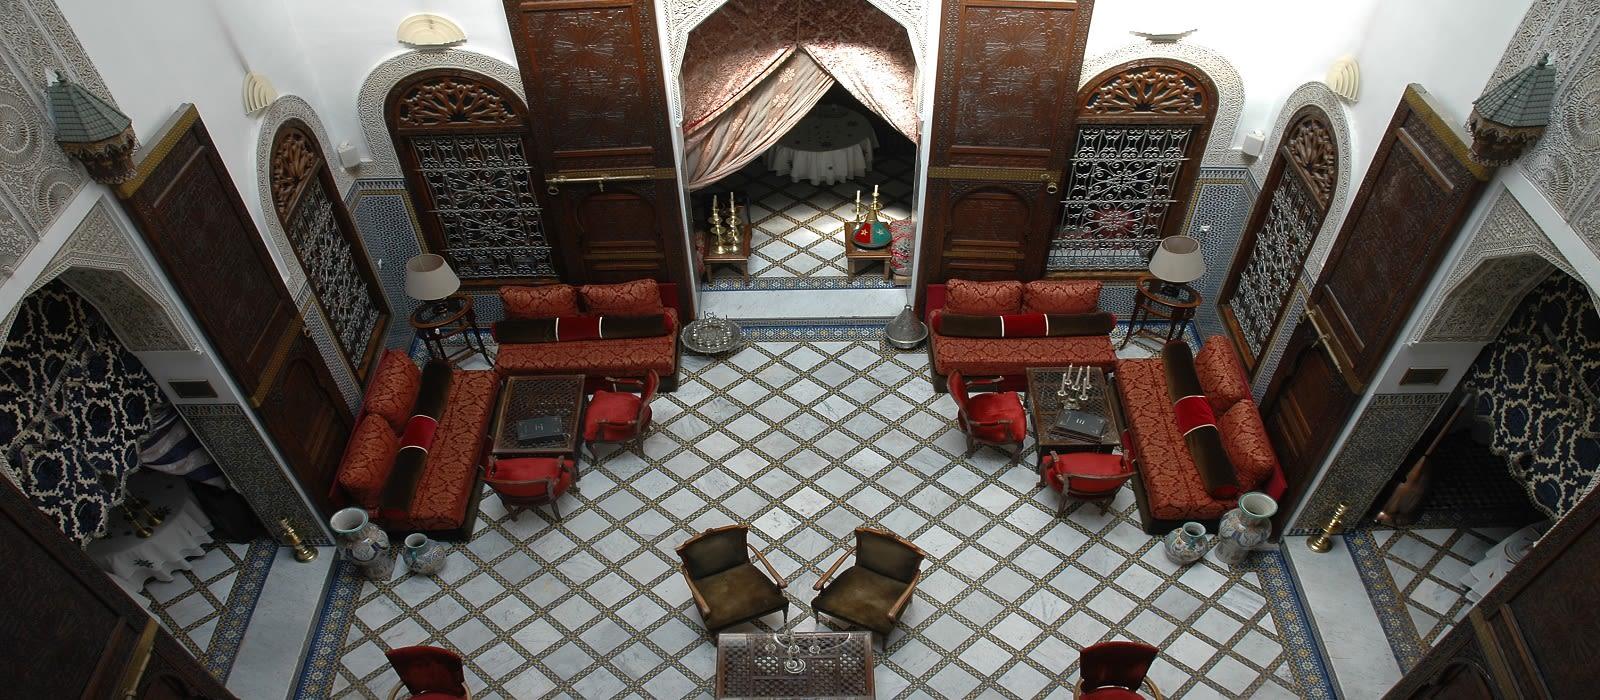 Hotel La Maison Bleue Morocco